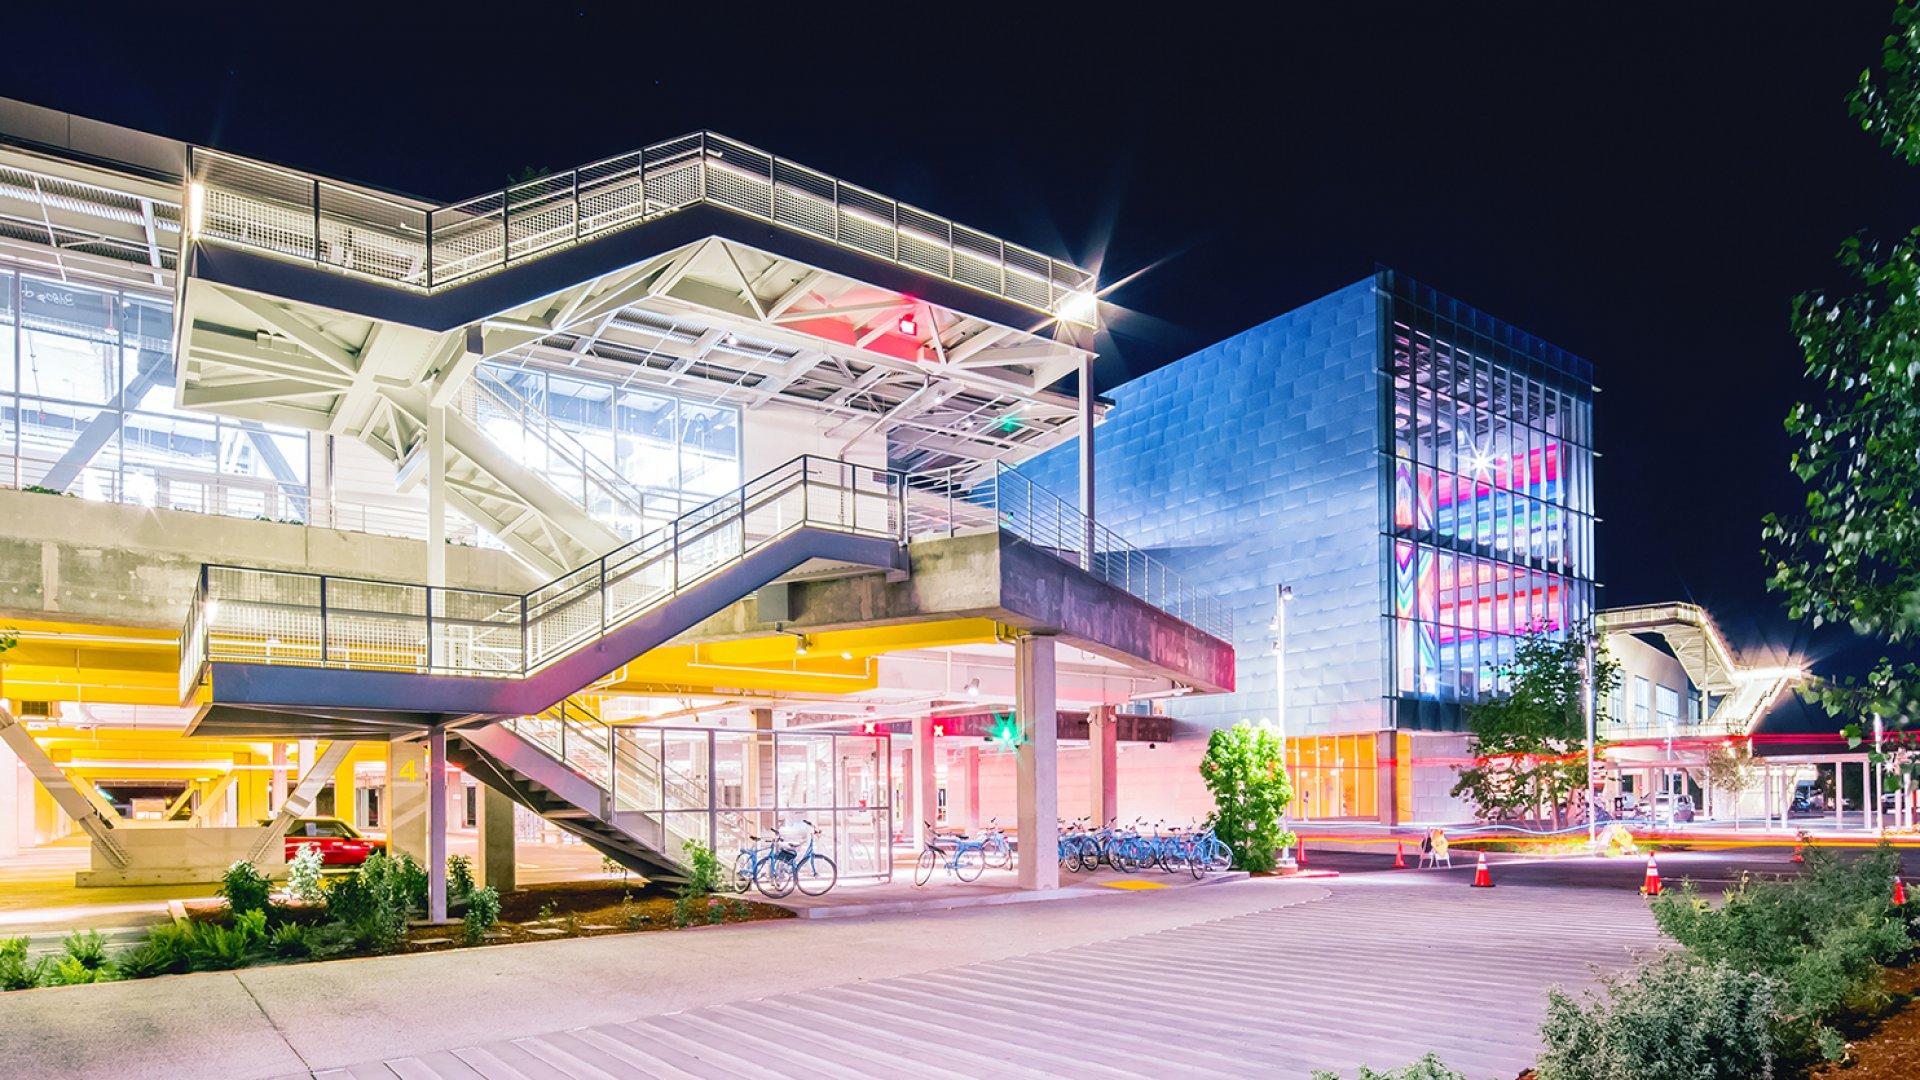 Facebook's Menlo Park headquarters.